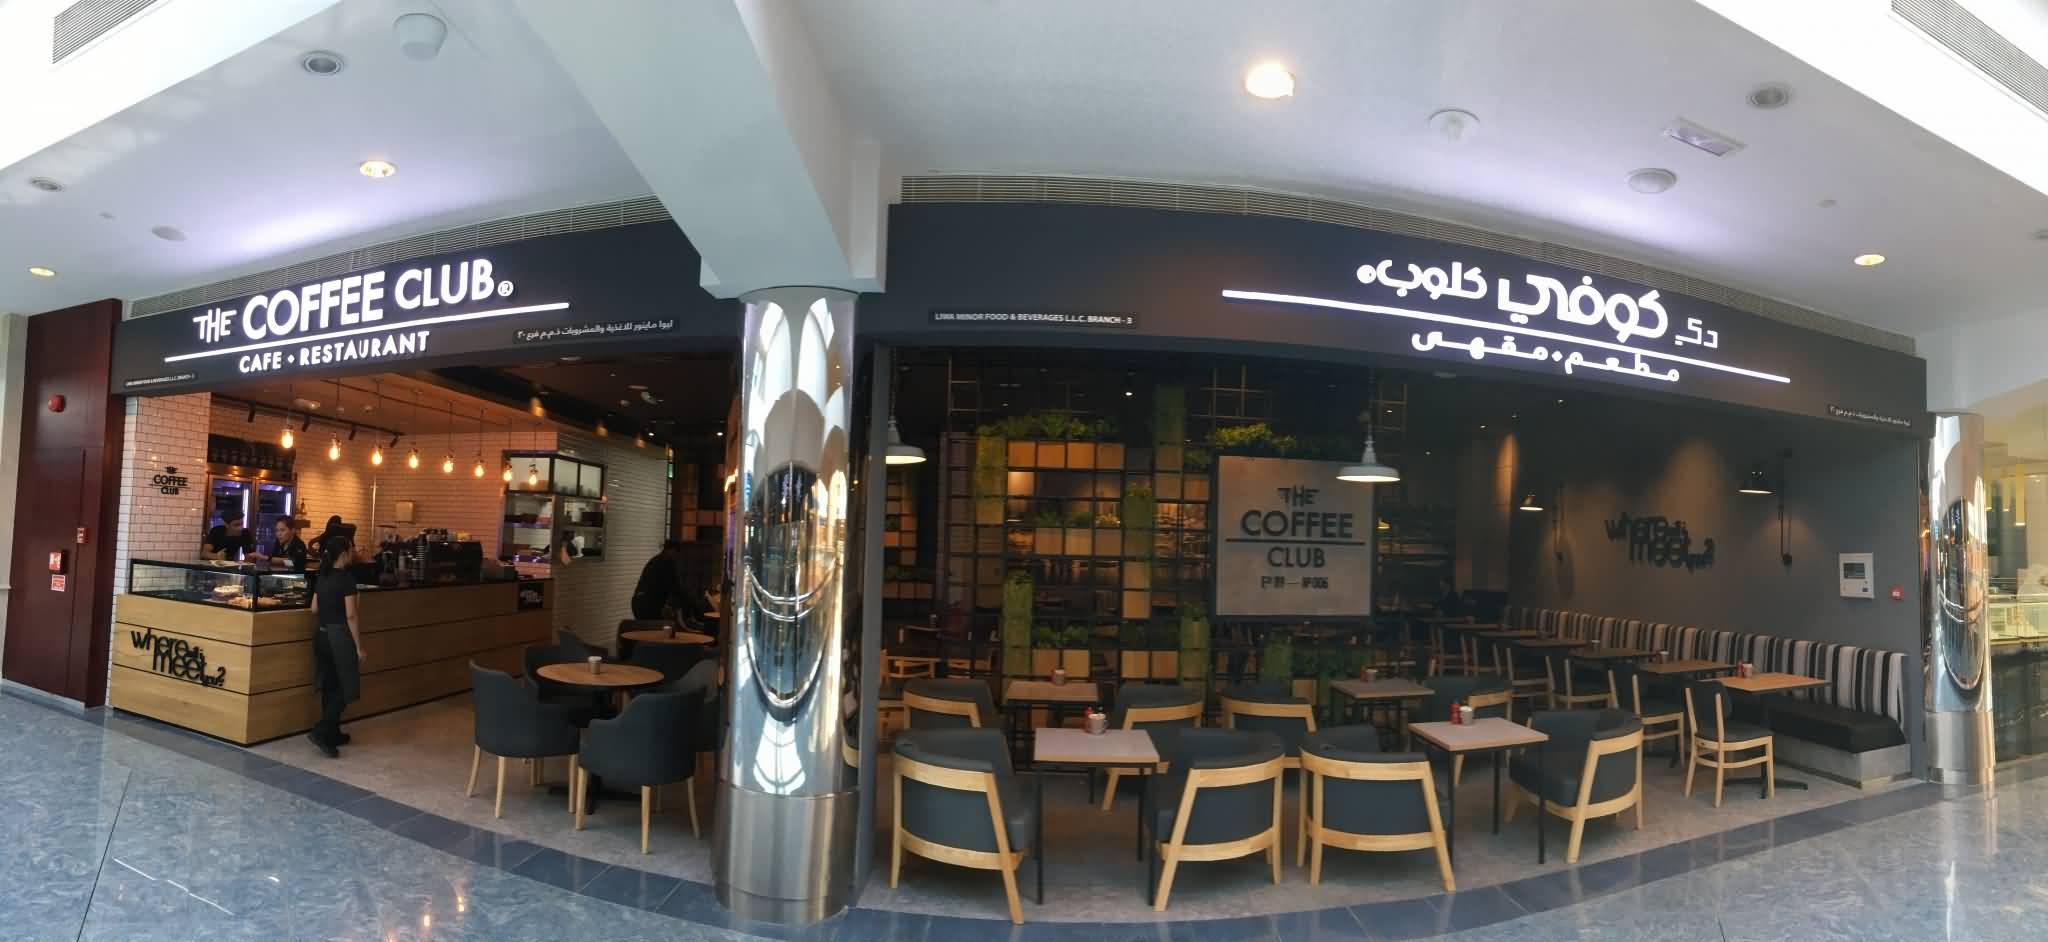 صورة فرعين جديدن لــمطعم ذي كوفي كلوب بأبوظبي